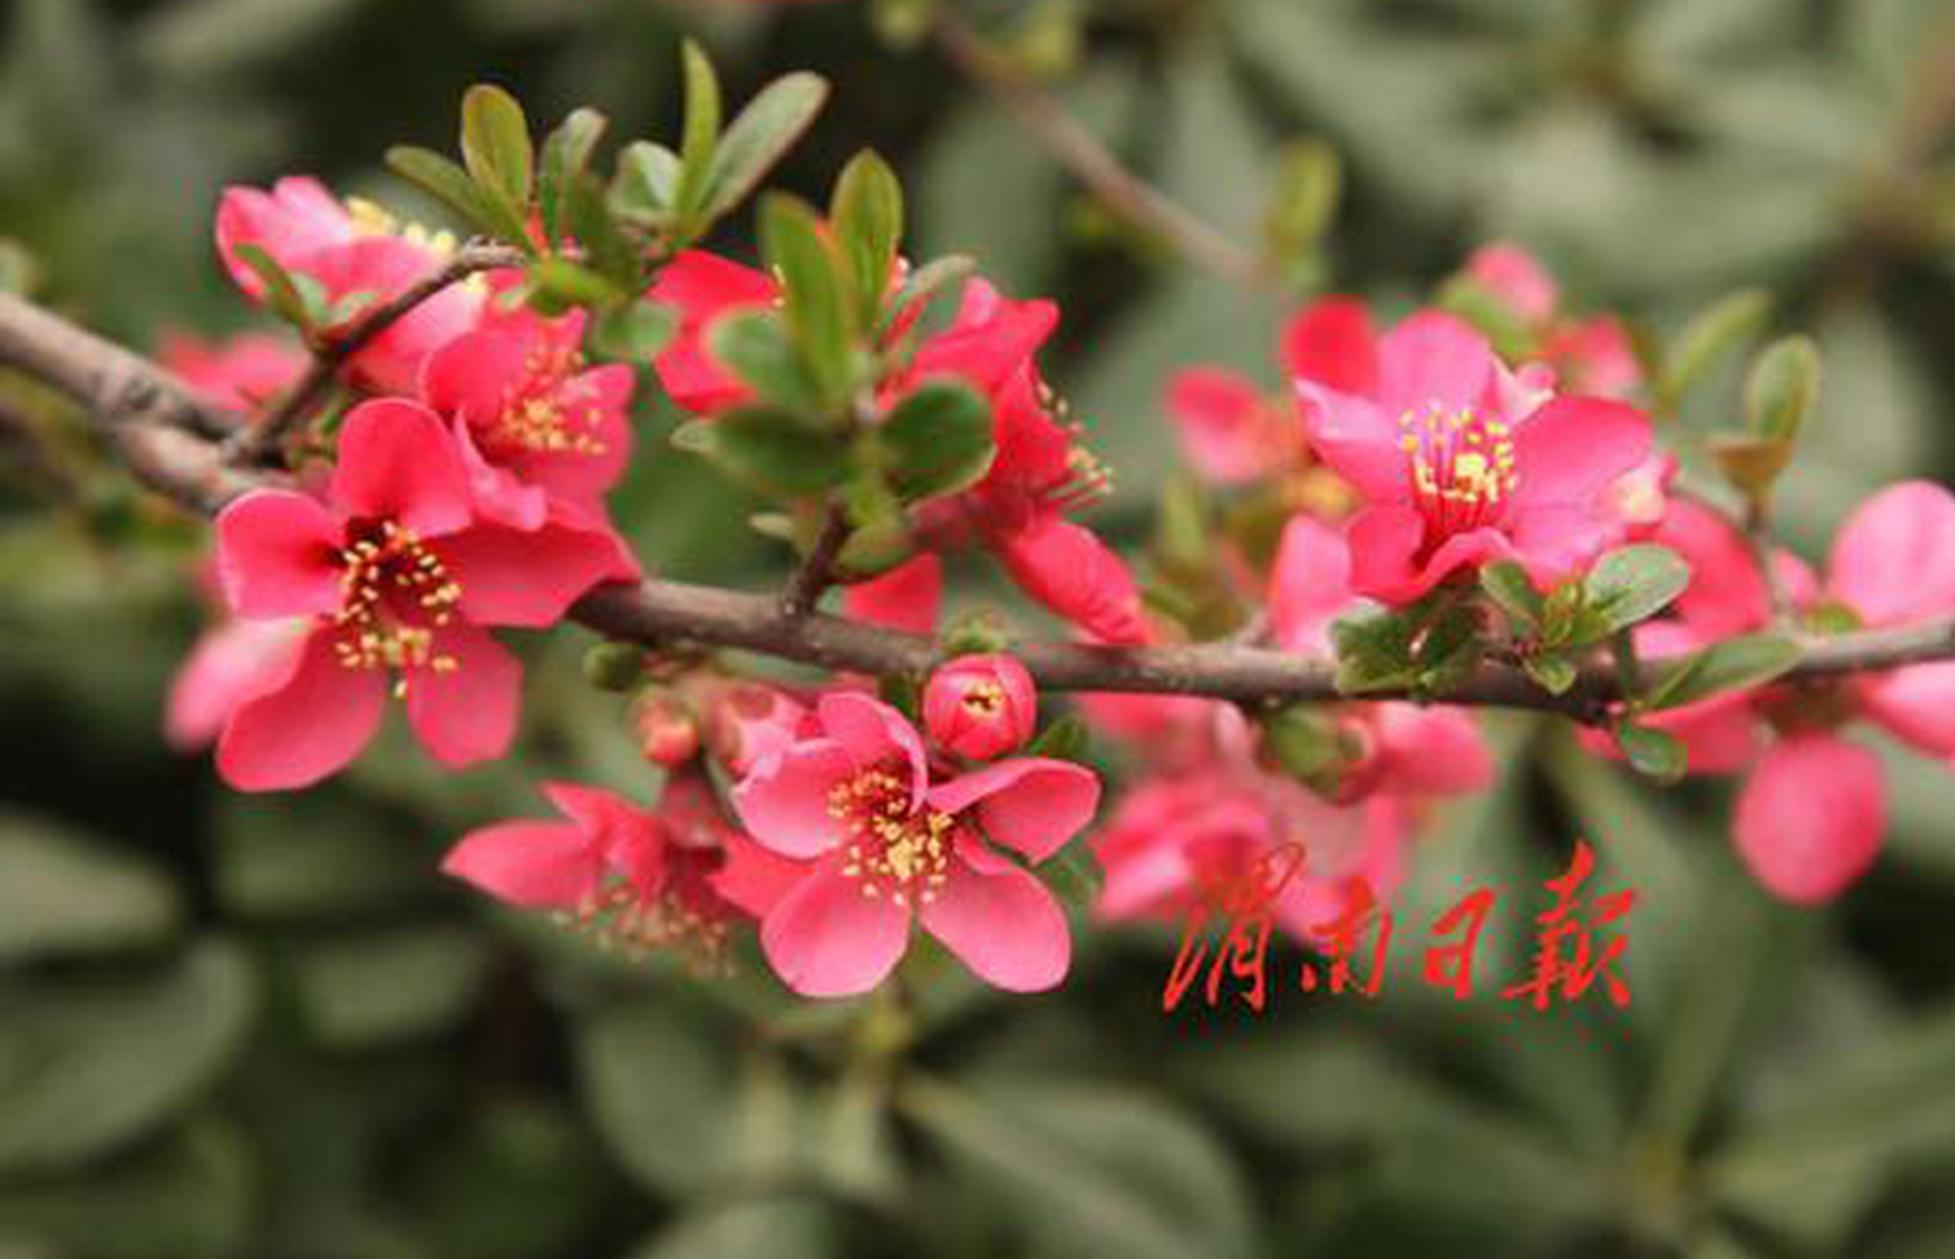 渭南城区花开春意浓